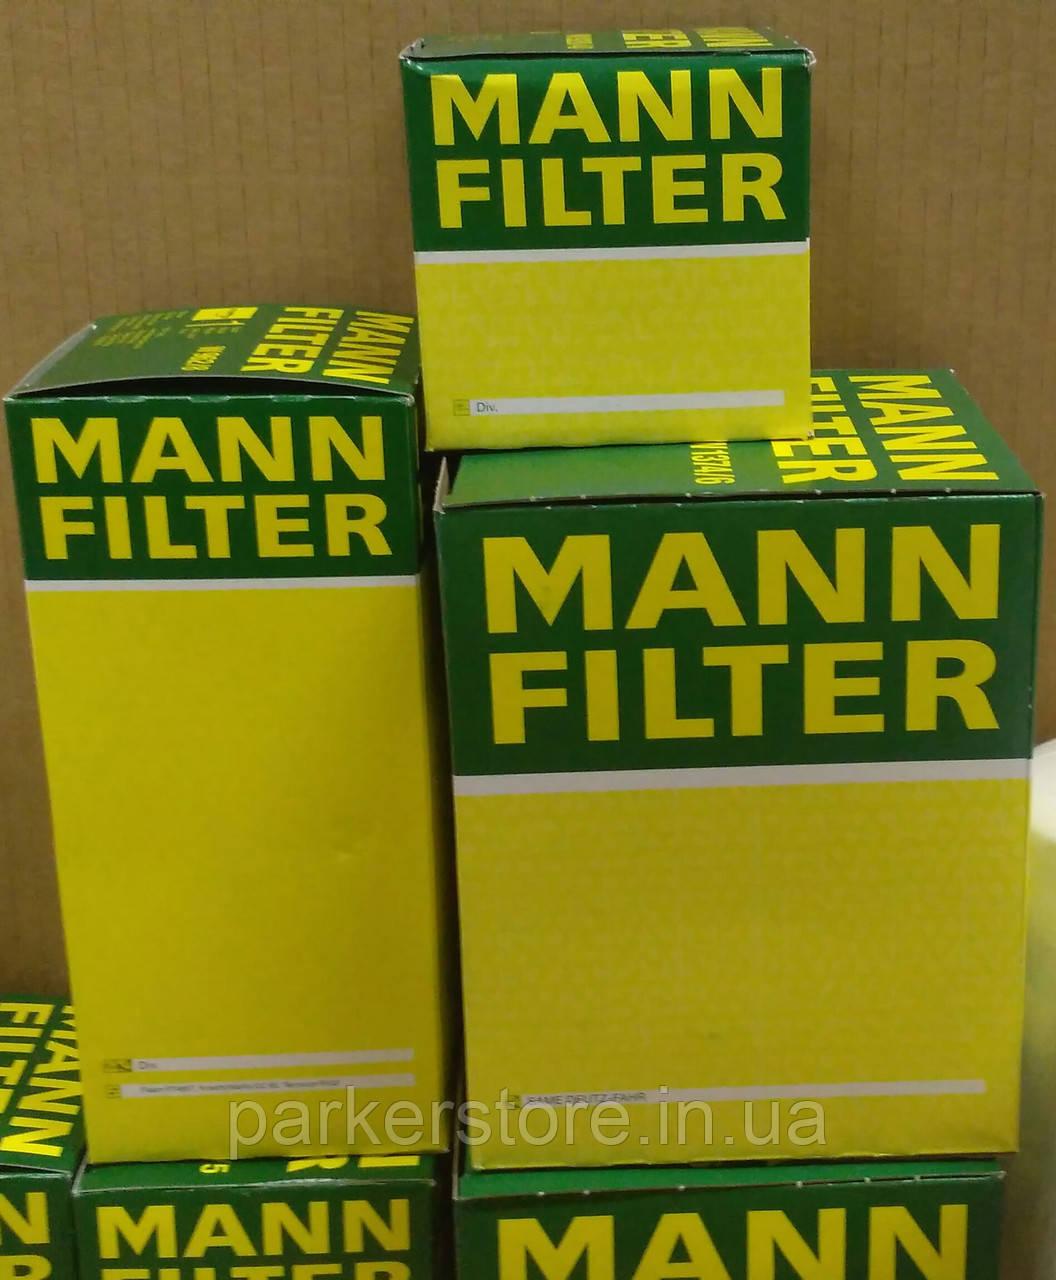 MANN FILTER / Воздушный фильтр / C 2766 / C2766